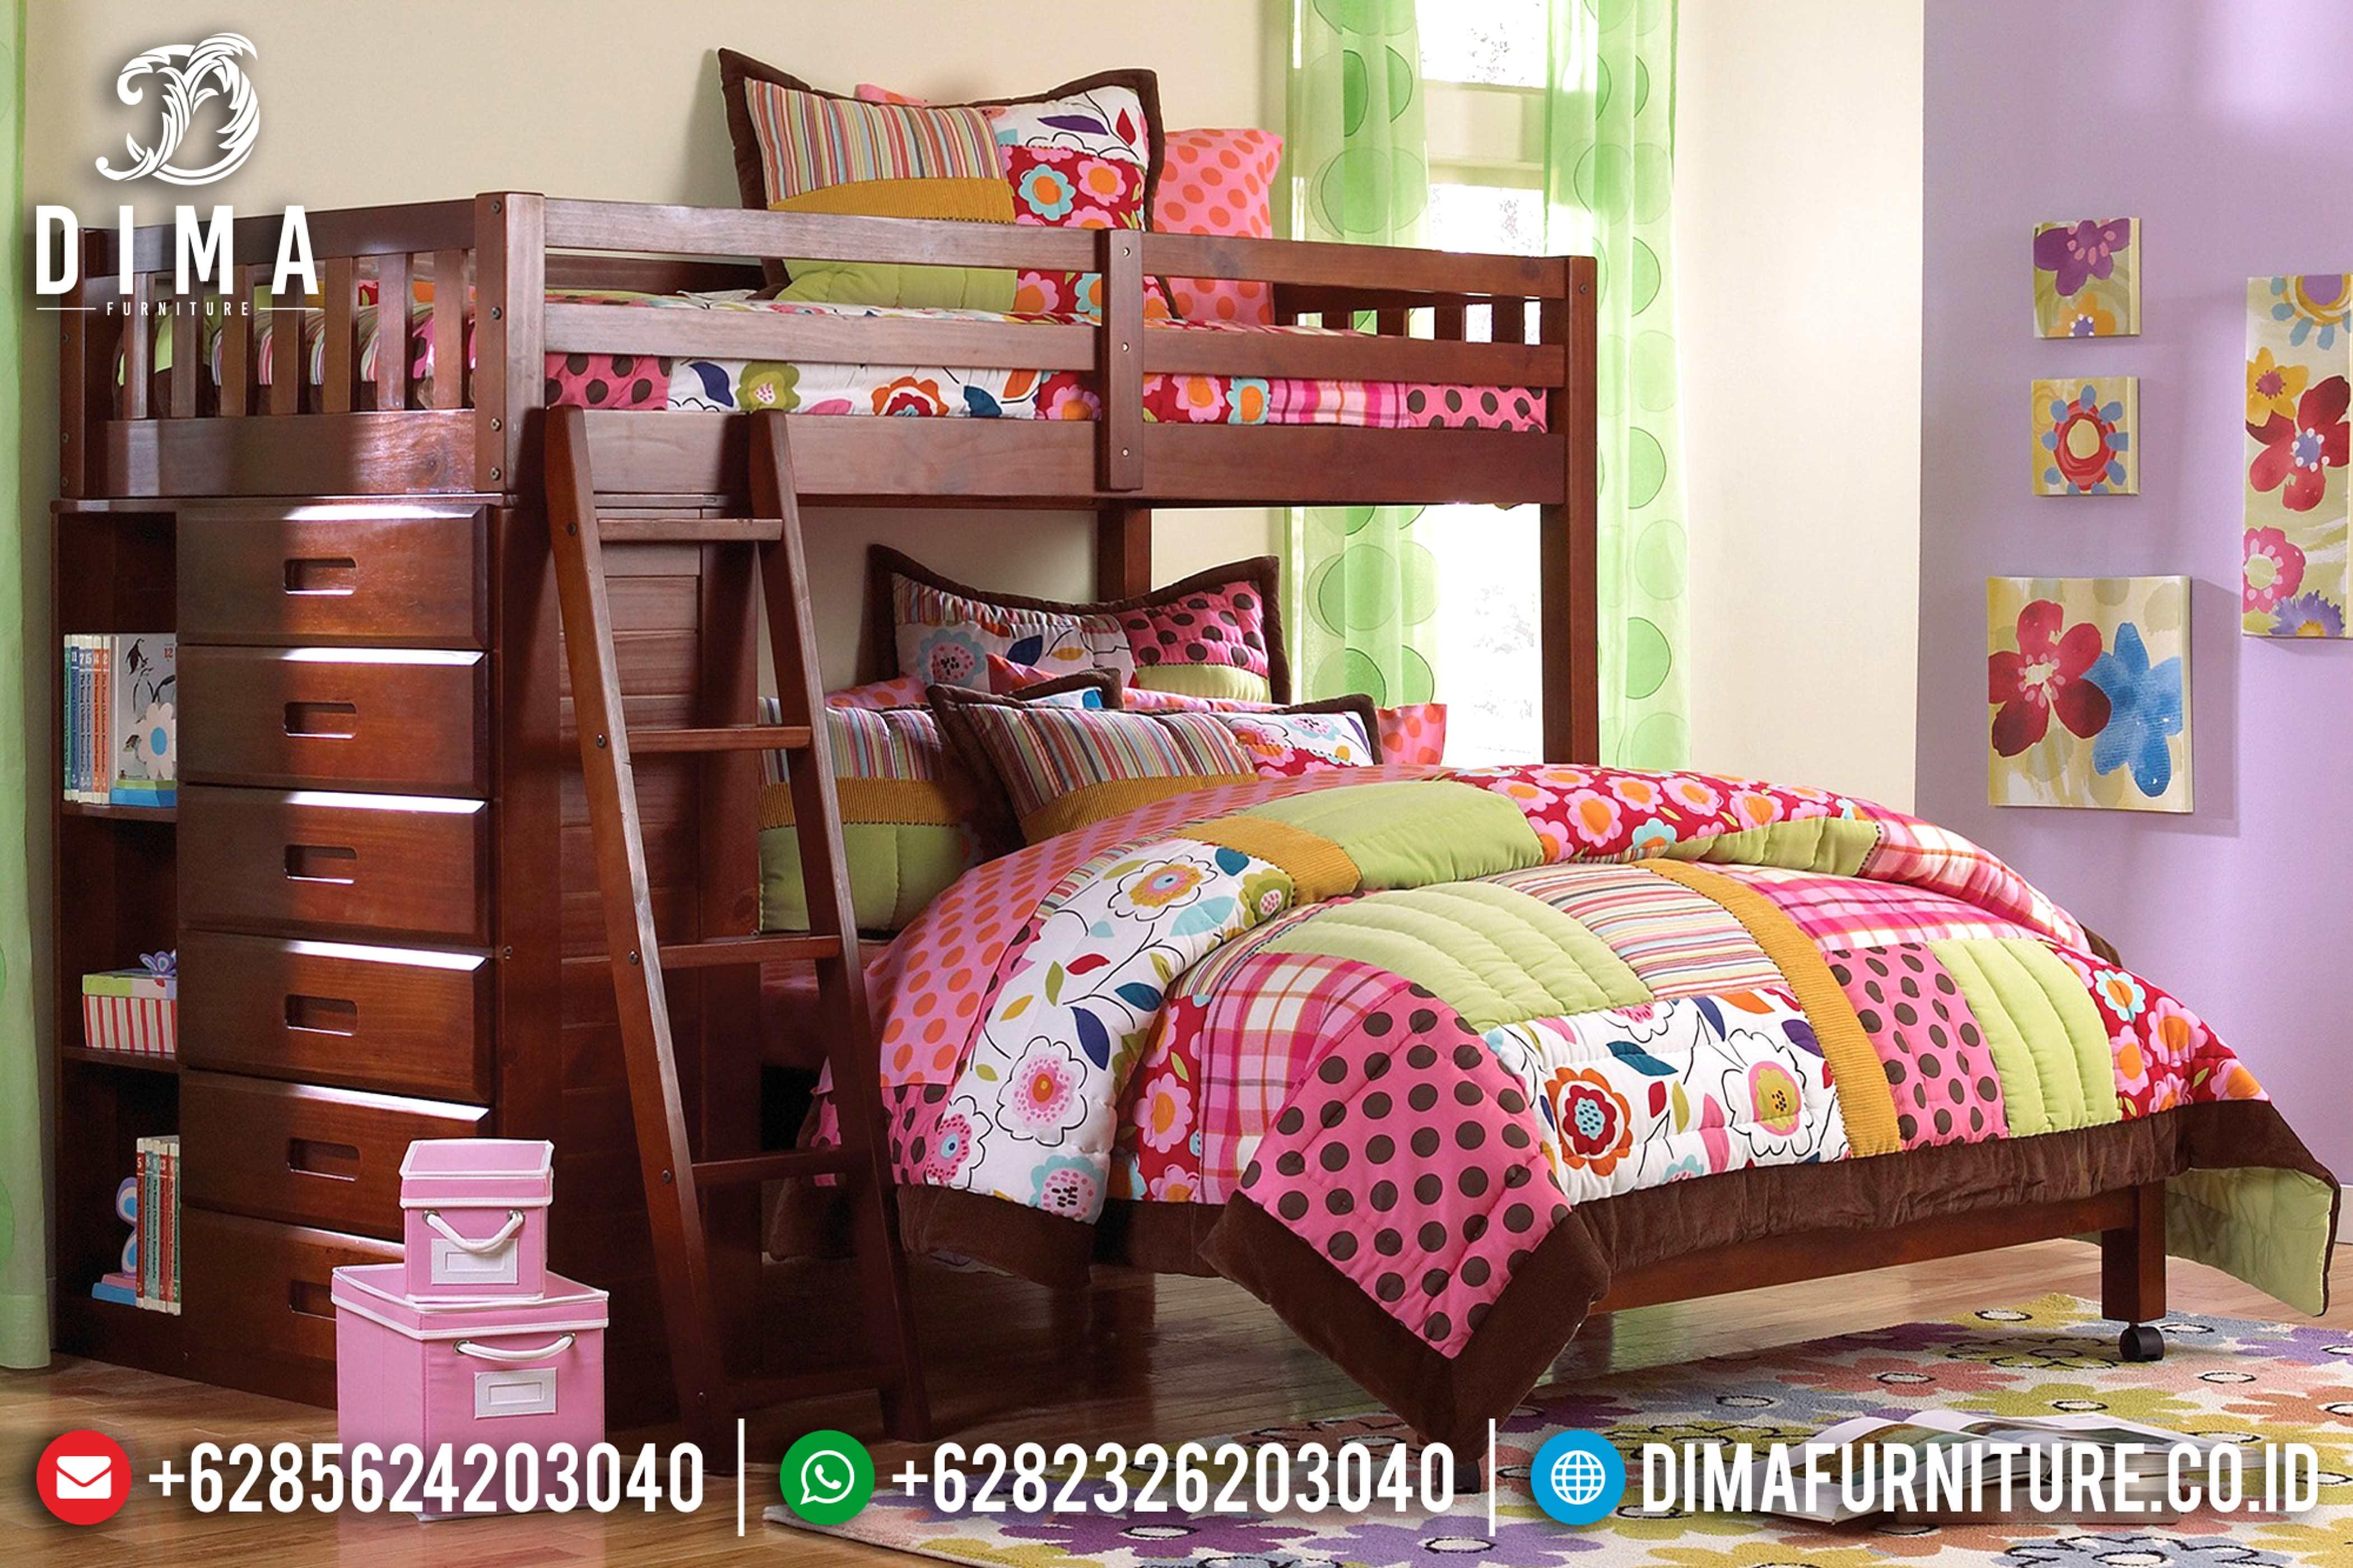 Tempat Tidur Tingkat, Kamar Set Minimalis, Dipan Tingkat Jati Jepara DF-0616